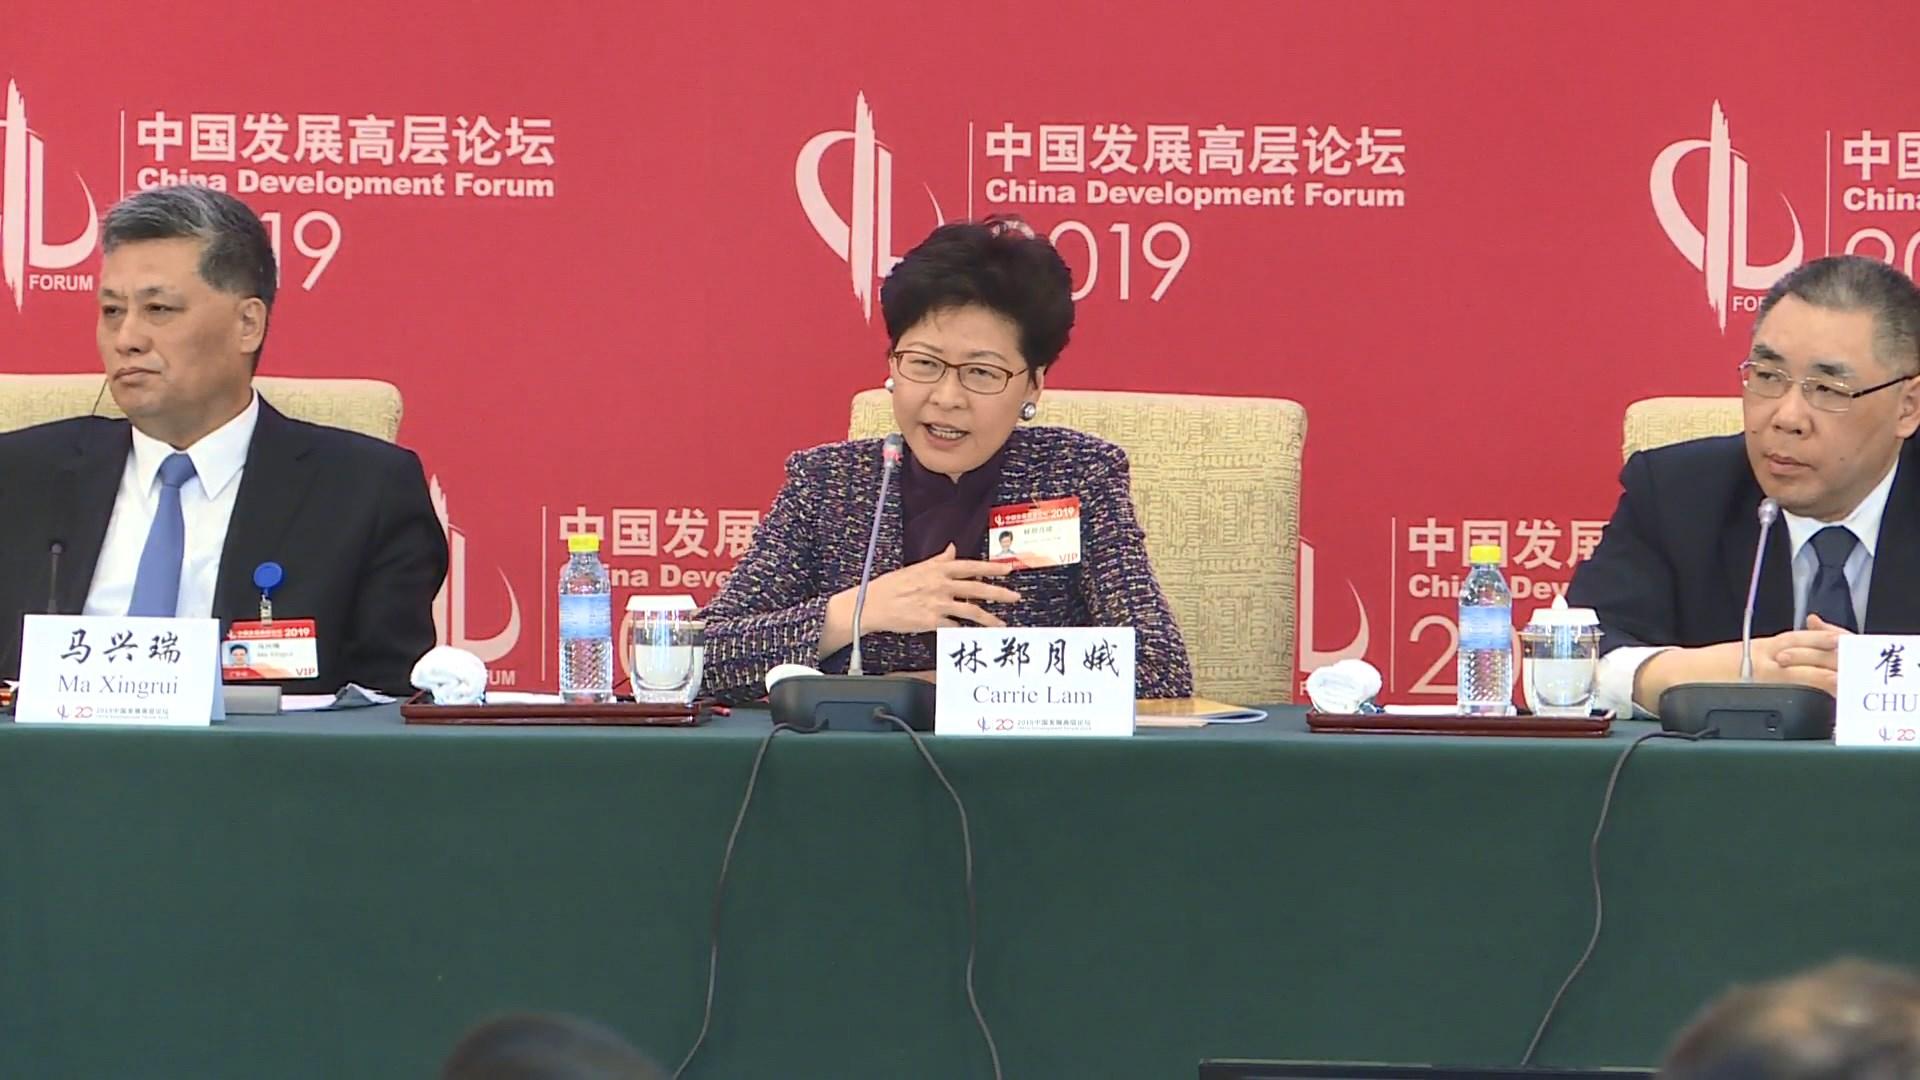 林鄭:需促進港珠澳三地資金及人才自由流通